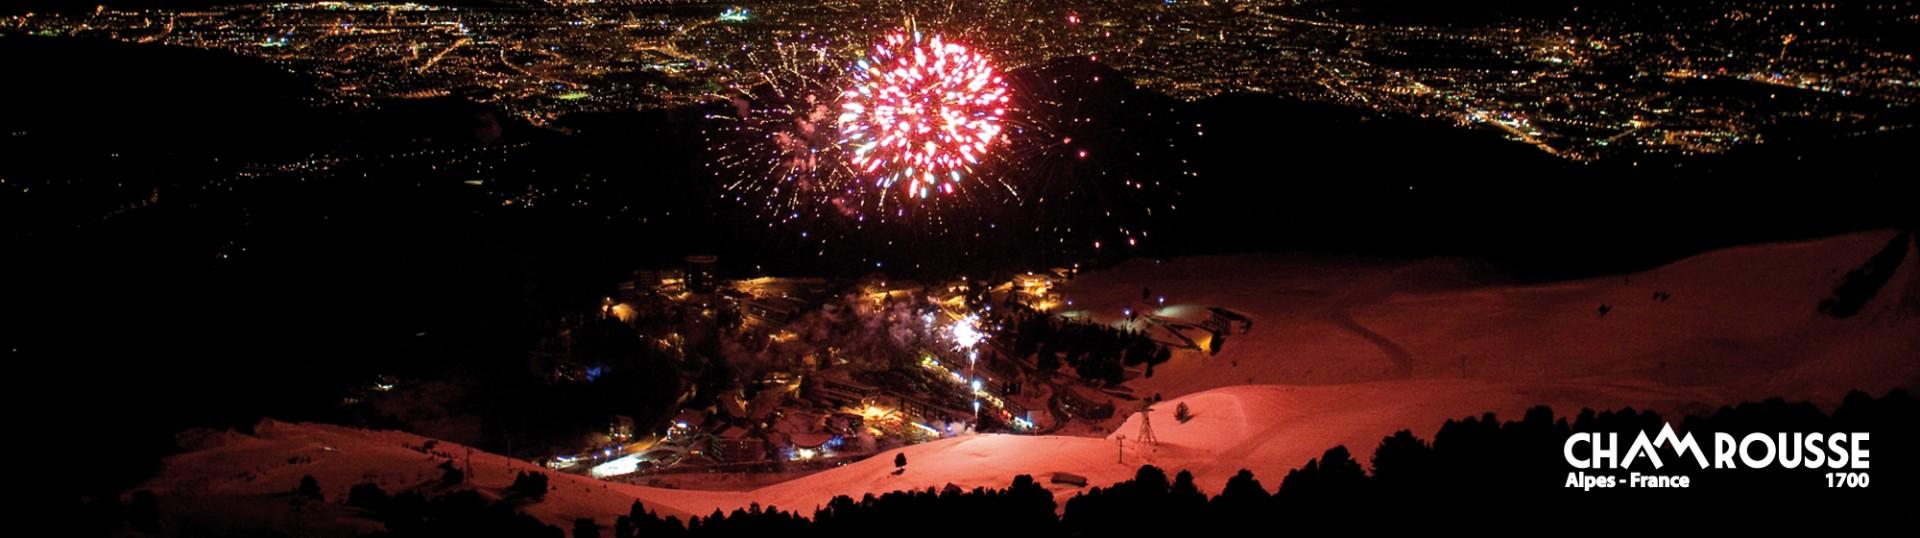 Veranstaltungen Winter Chamrousse